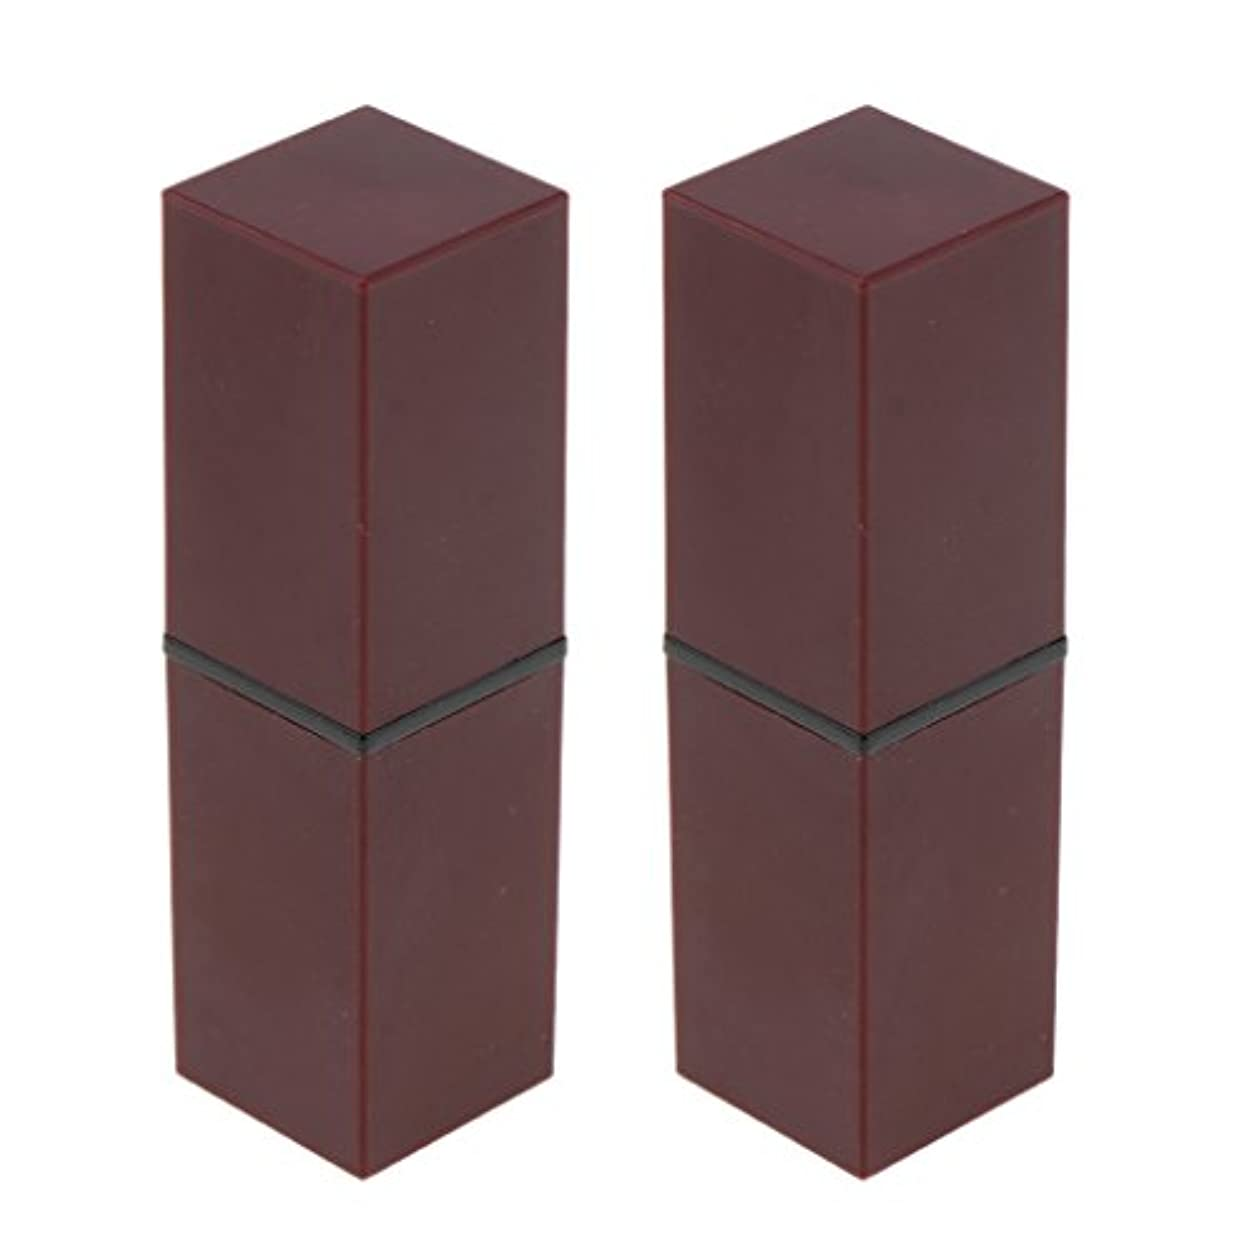 運搬一生言い聞かせるSharplace 口紅 容器 手作り リップスティック リップバーム 口紅チューブ 空チューブ 全4色 - 紫